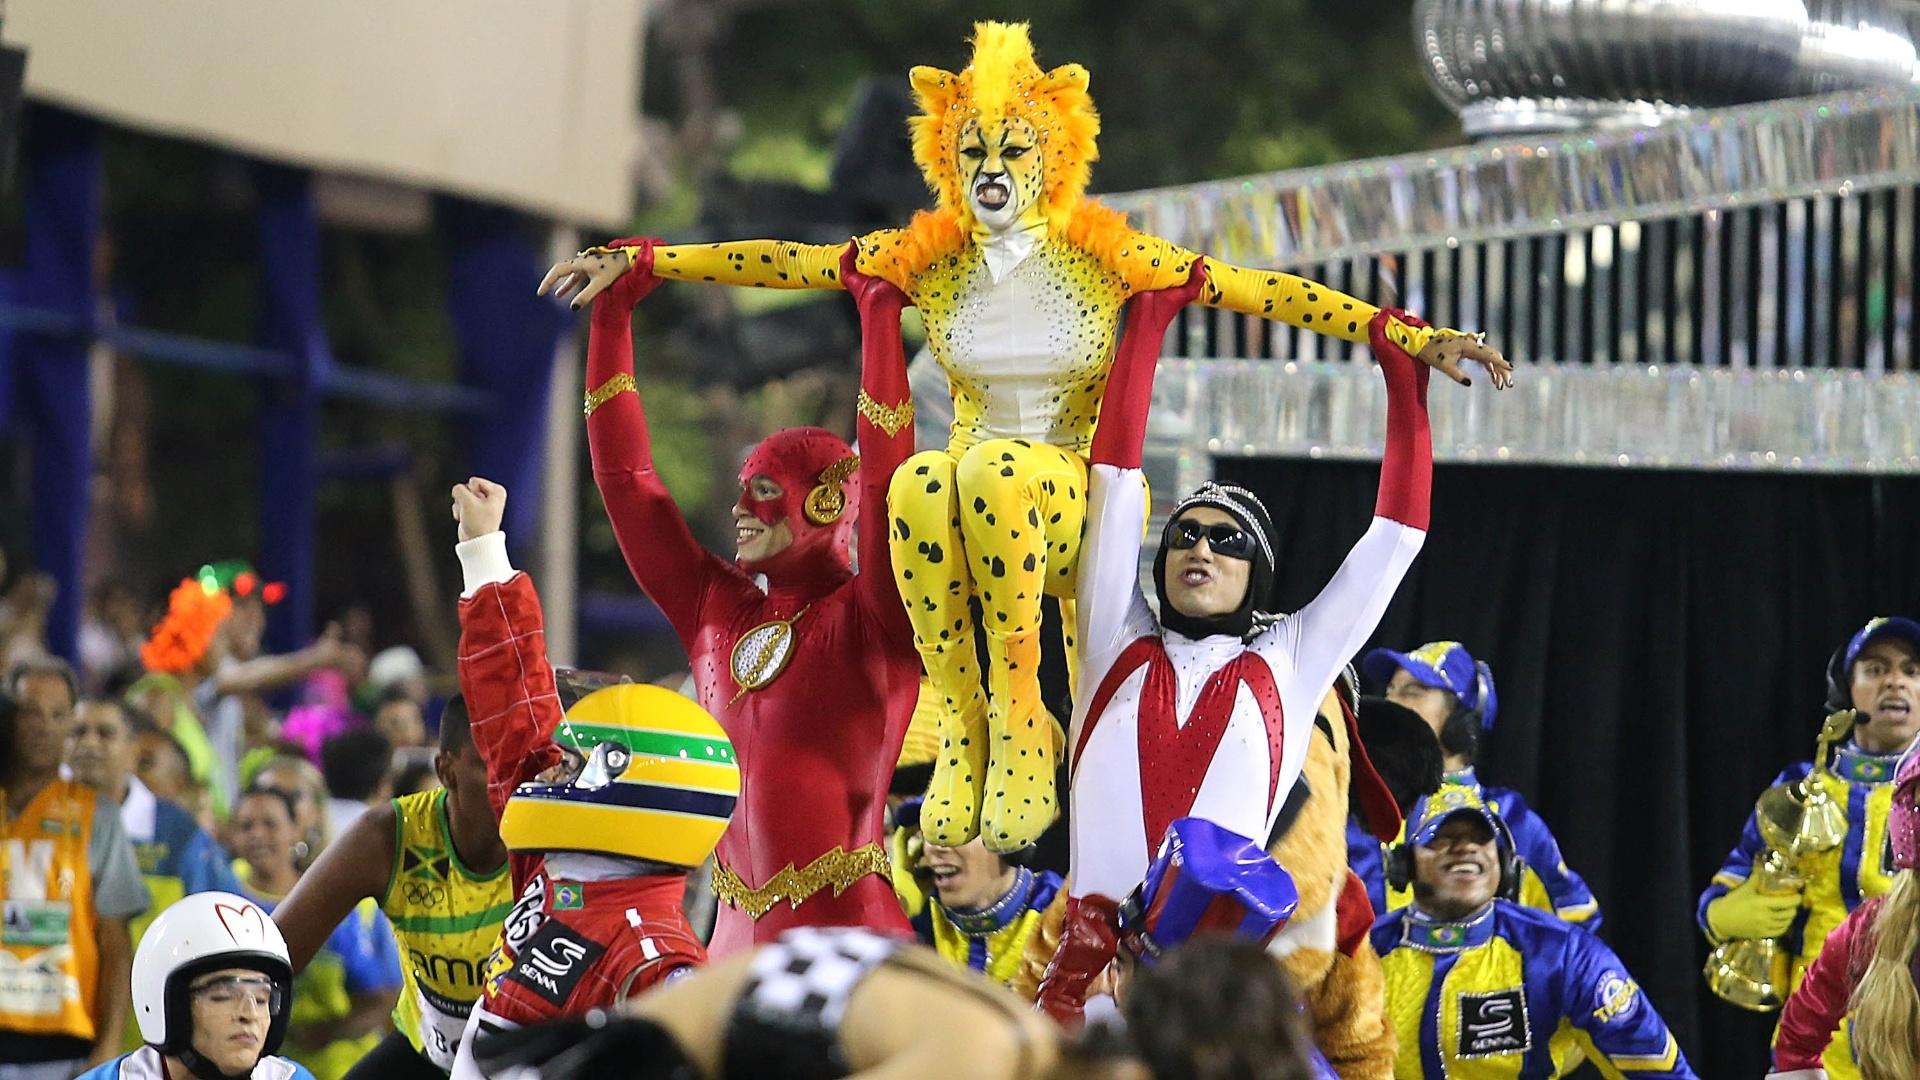 4.mar.2014 - A comissão de frente da Unidos da Tijuca com personagens velozes em homenagem a Senna